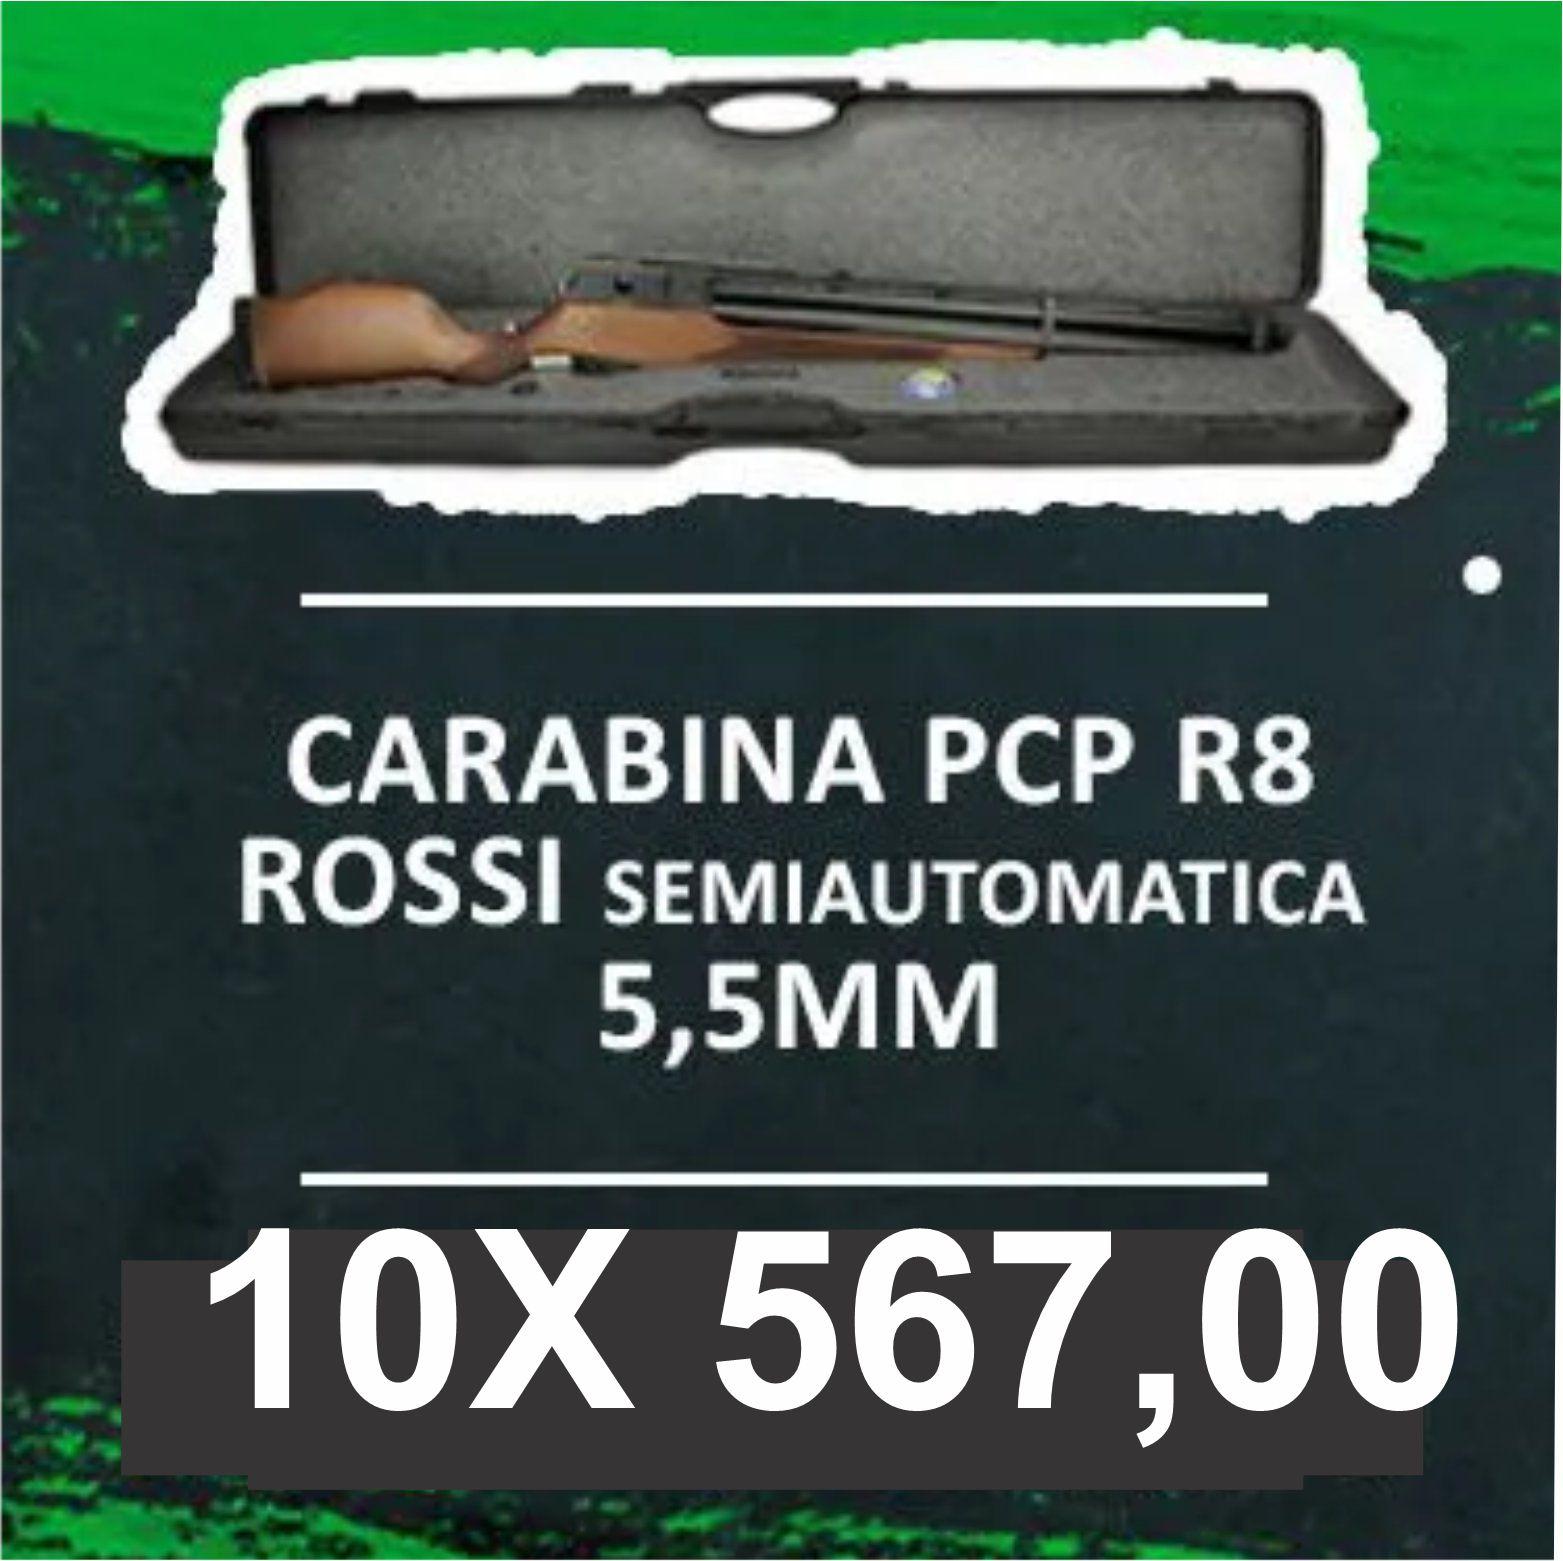 Consórcio - Carabina PCP R8 Rossi Semiautomatica 5,5mm Coronha Recartilhada 10x